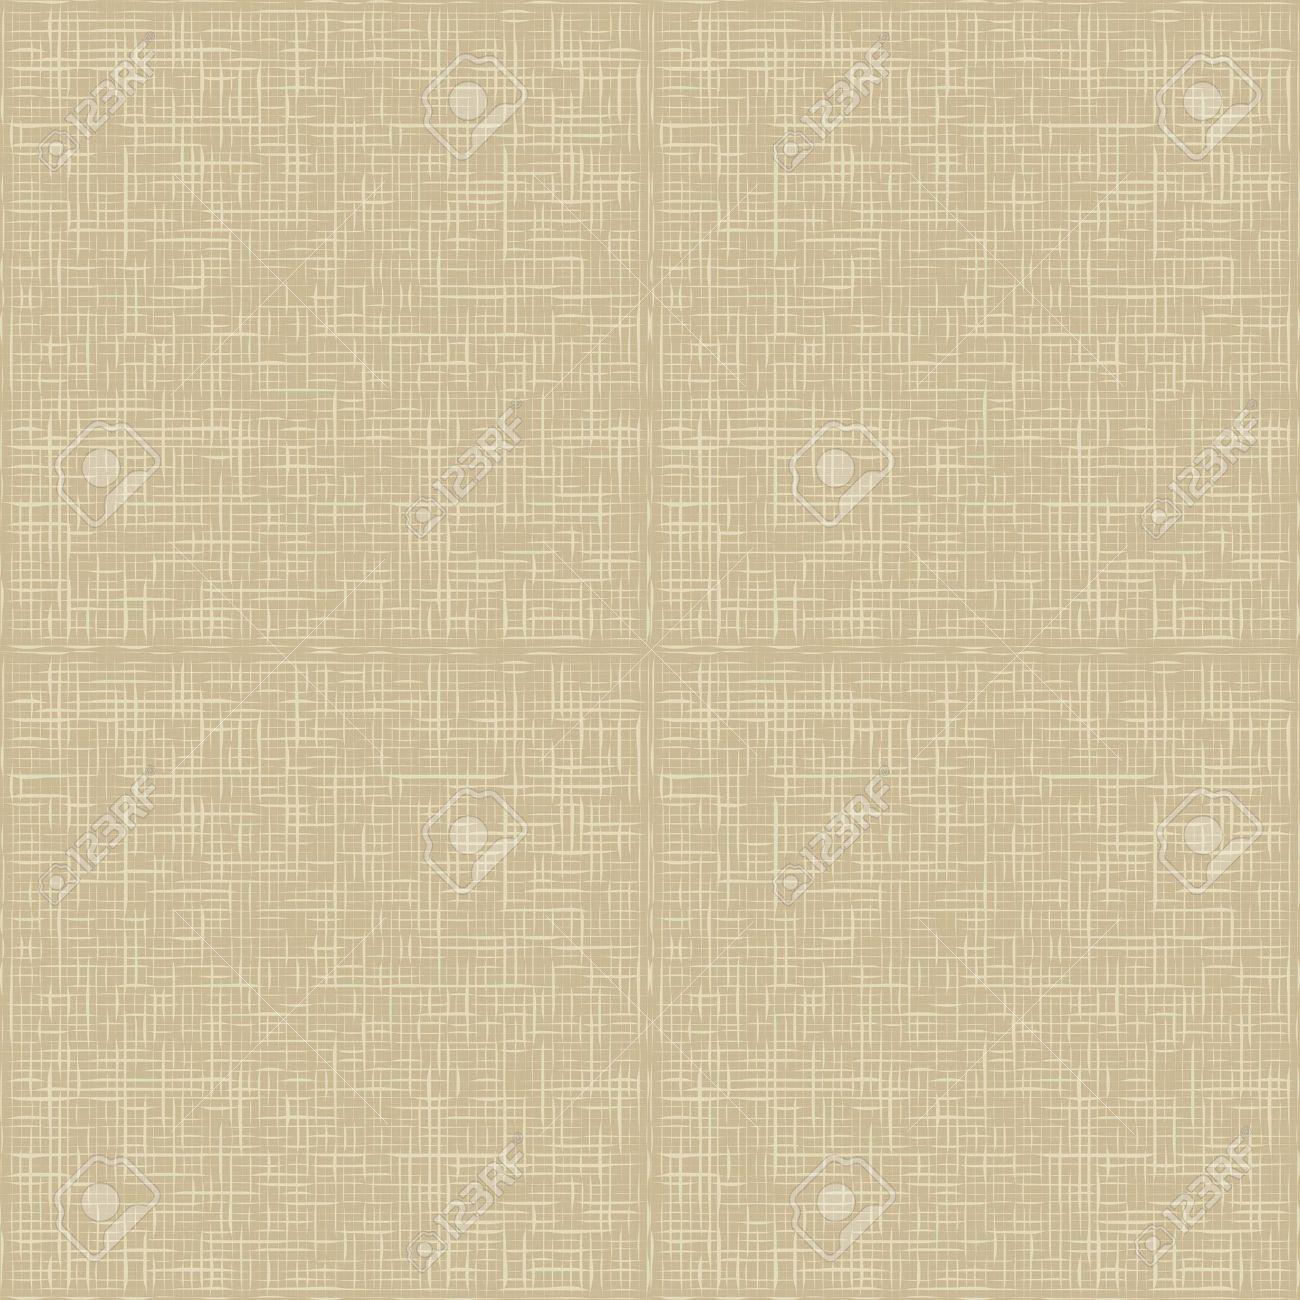 ナチュラル リネン シームレス パターン自然リネン ストライプ未塗装